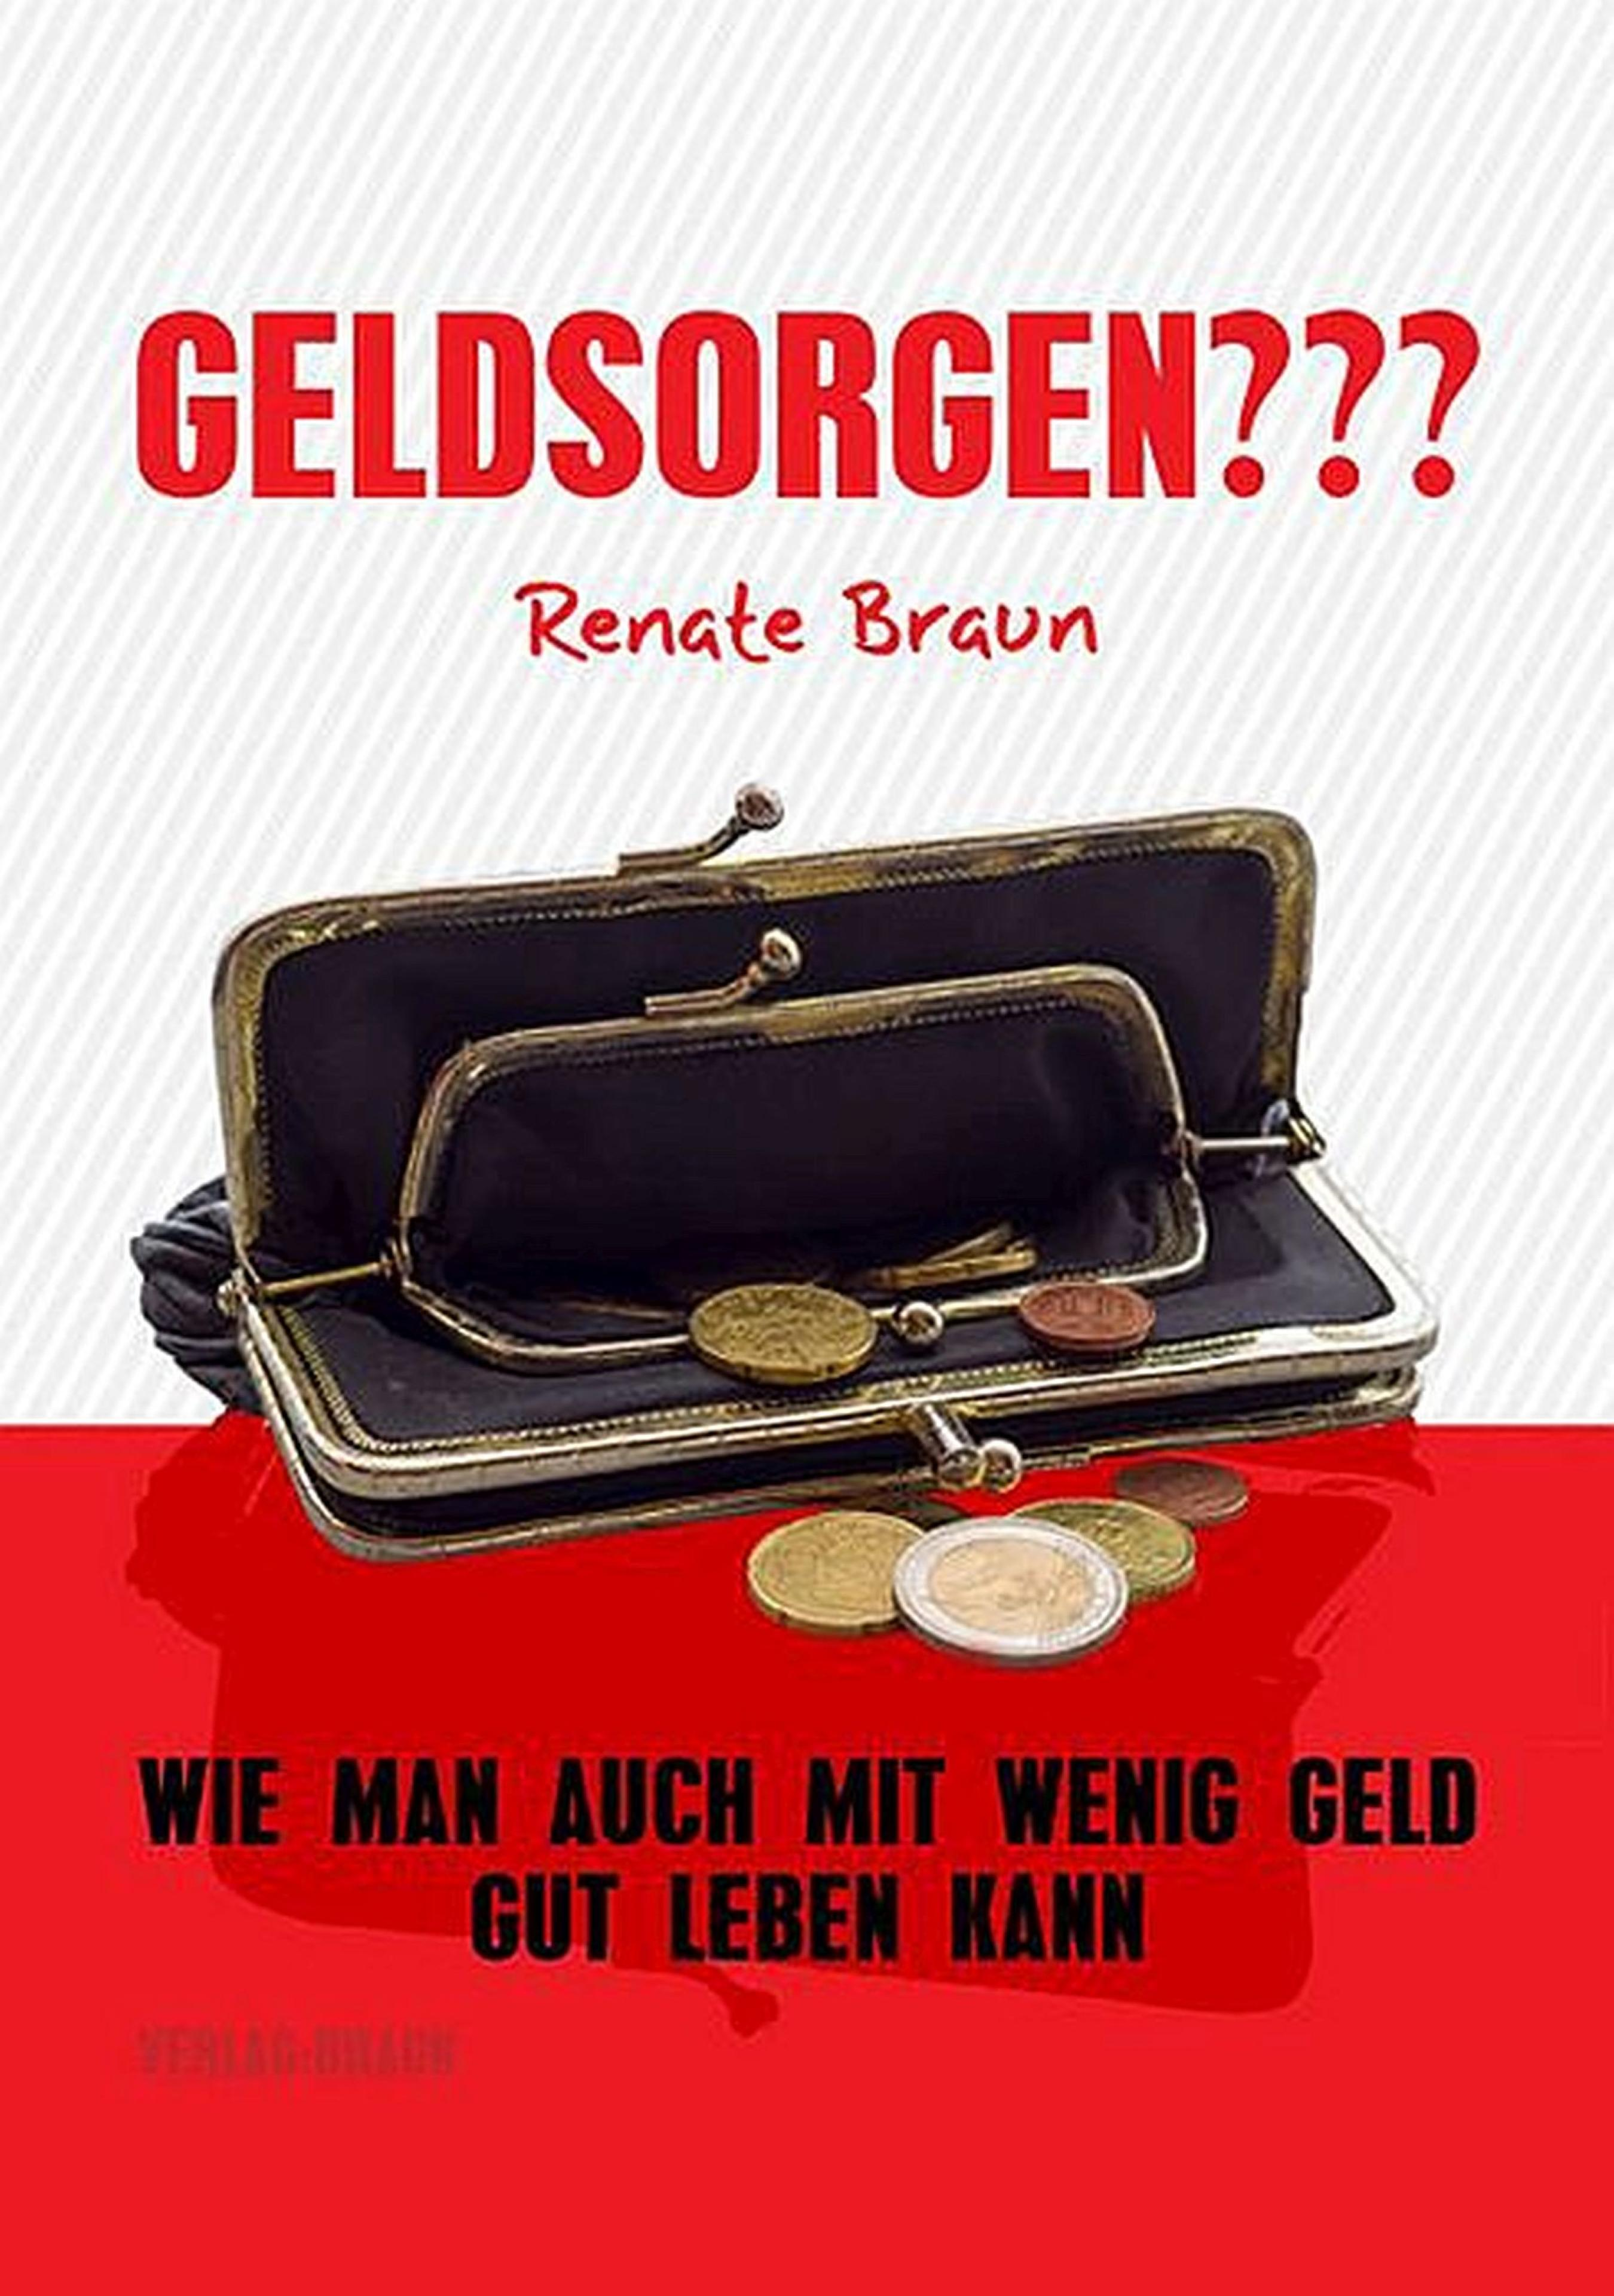 Renate Braun GELDSORGEN??? все цены